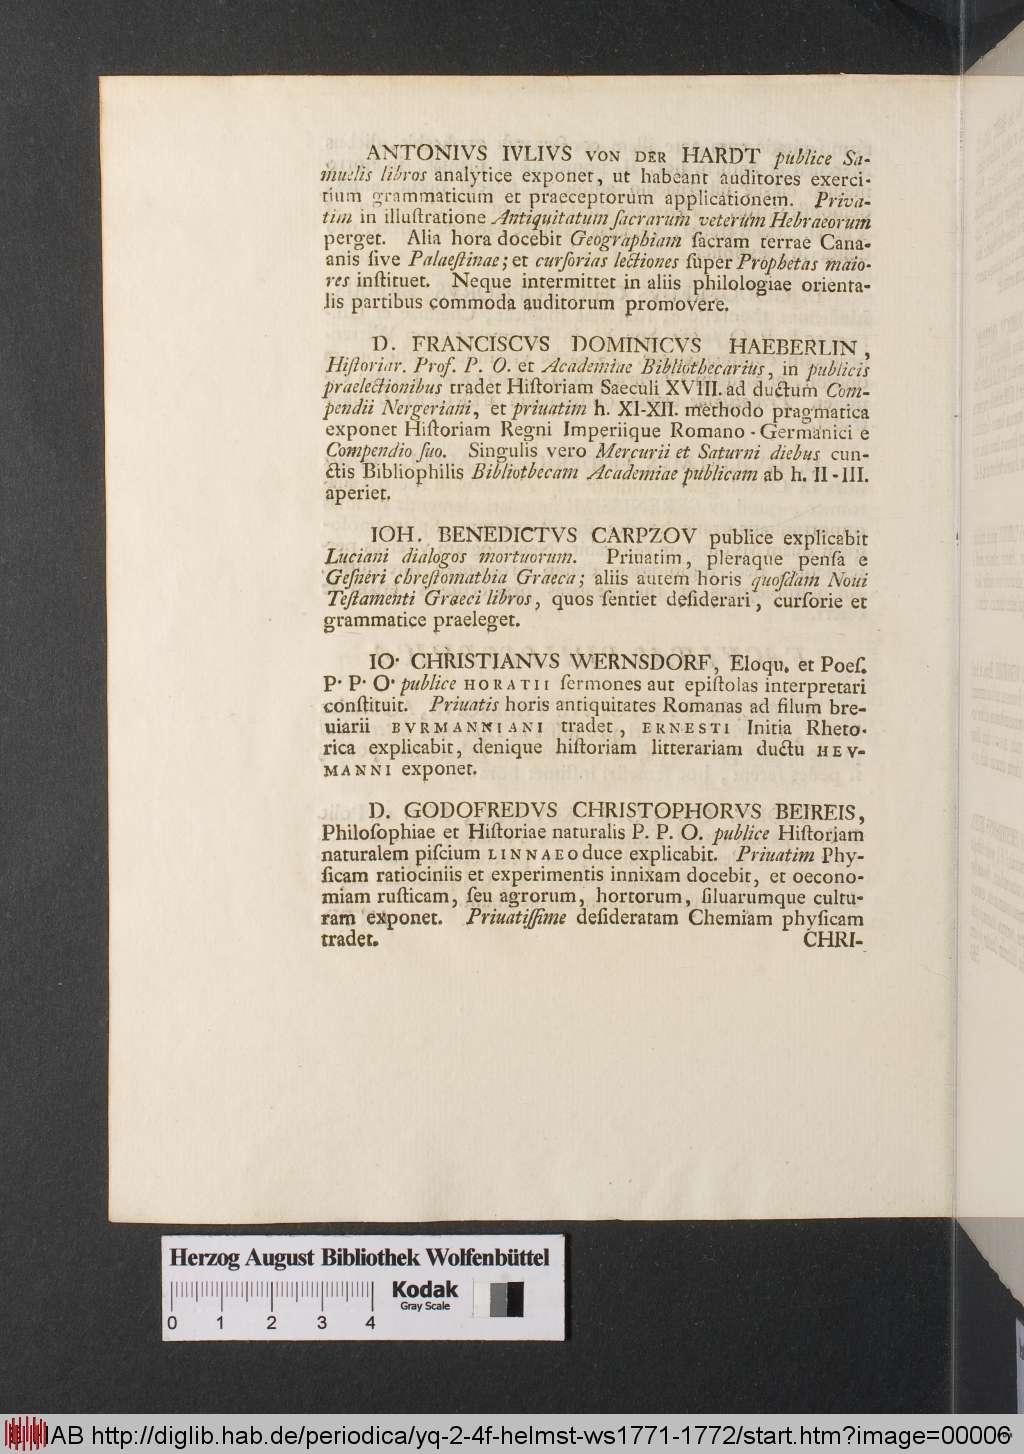 http://diglib.hab.de/periodica/yq-2-4f-helmst-ws1771-1772/00006.jpg